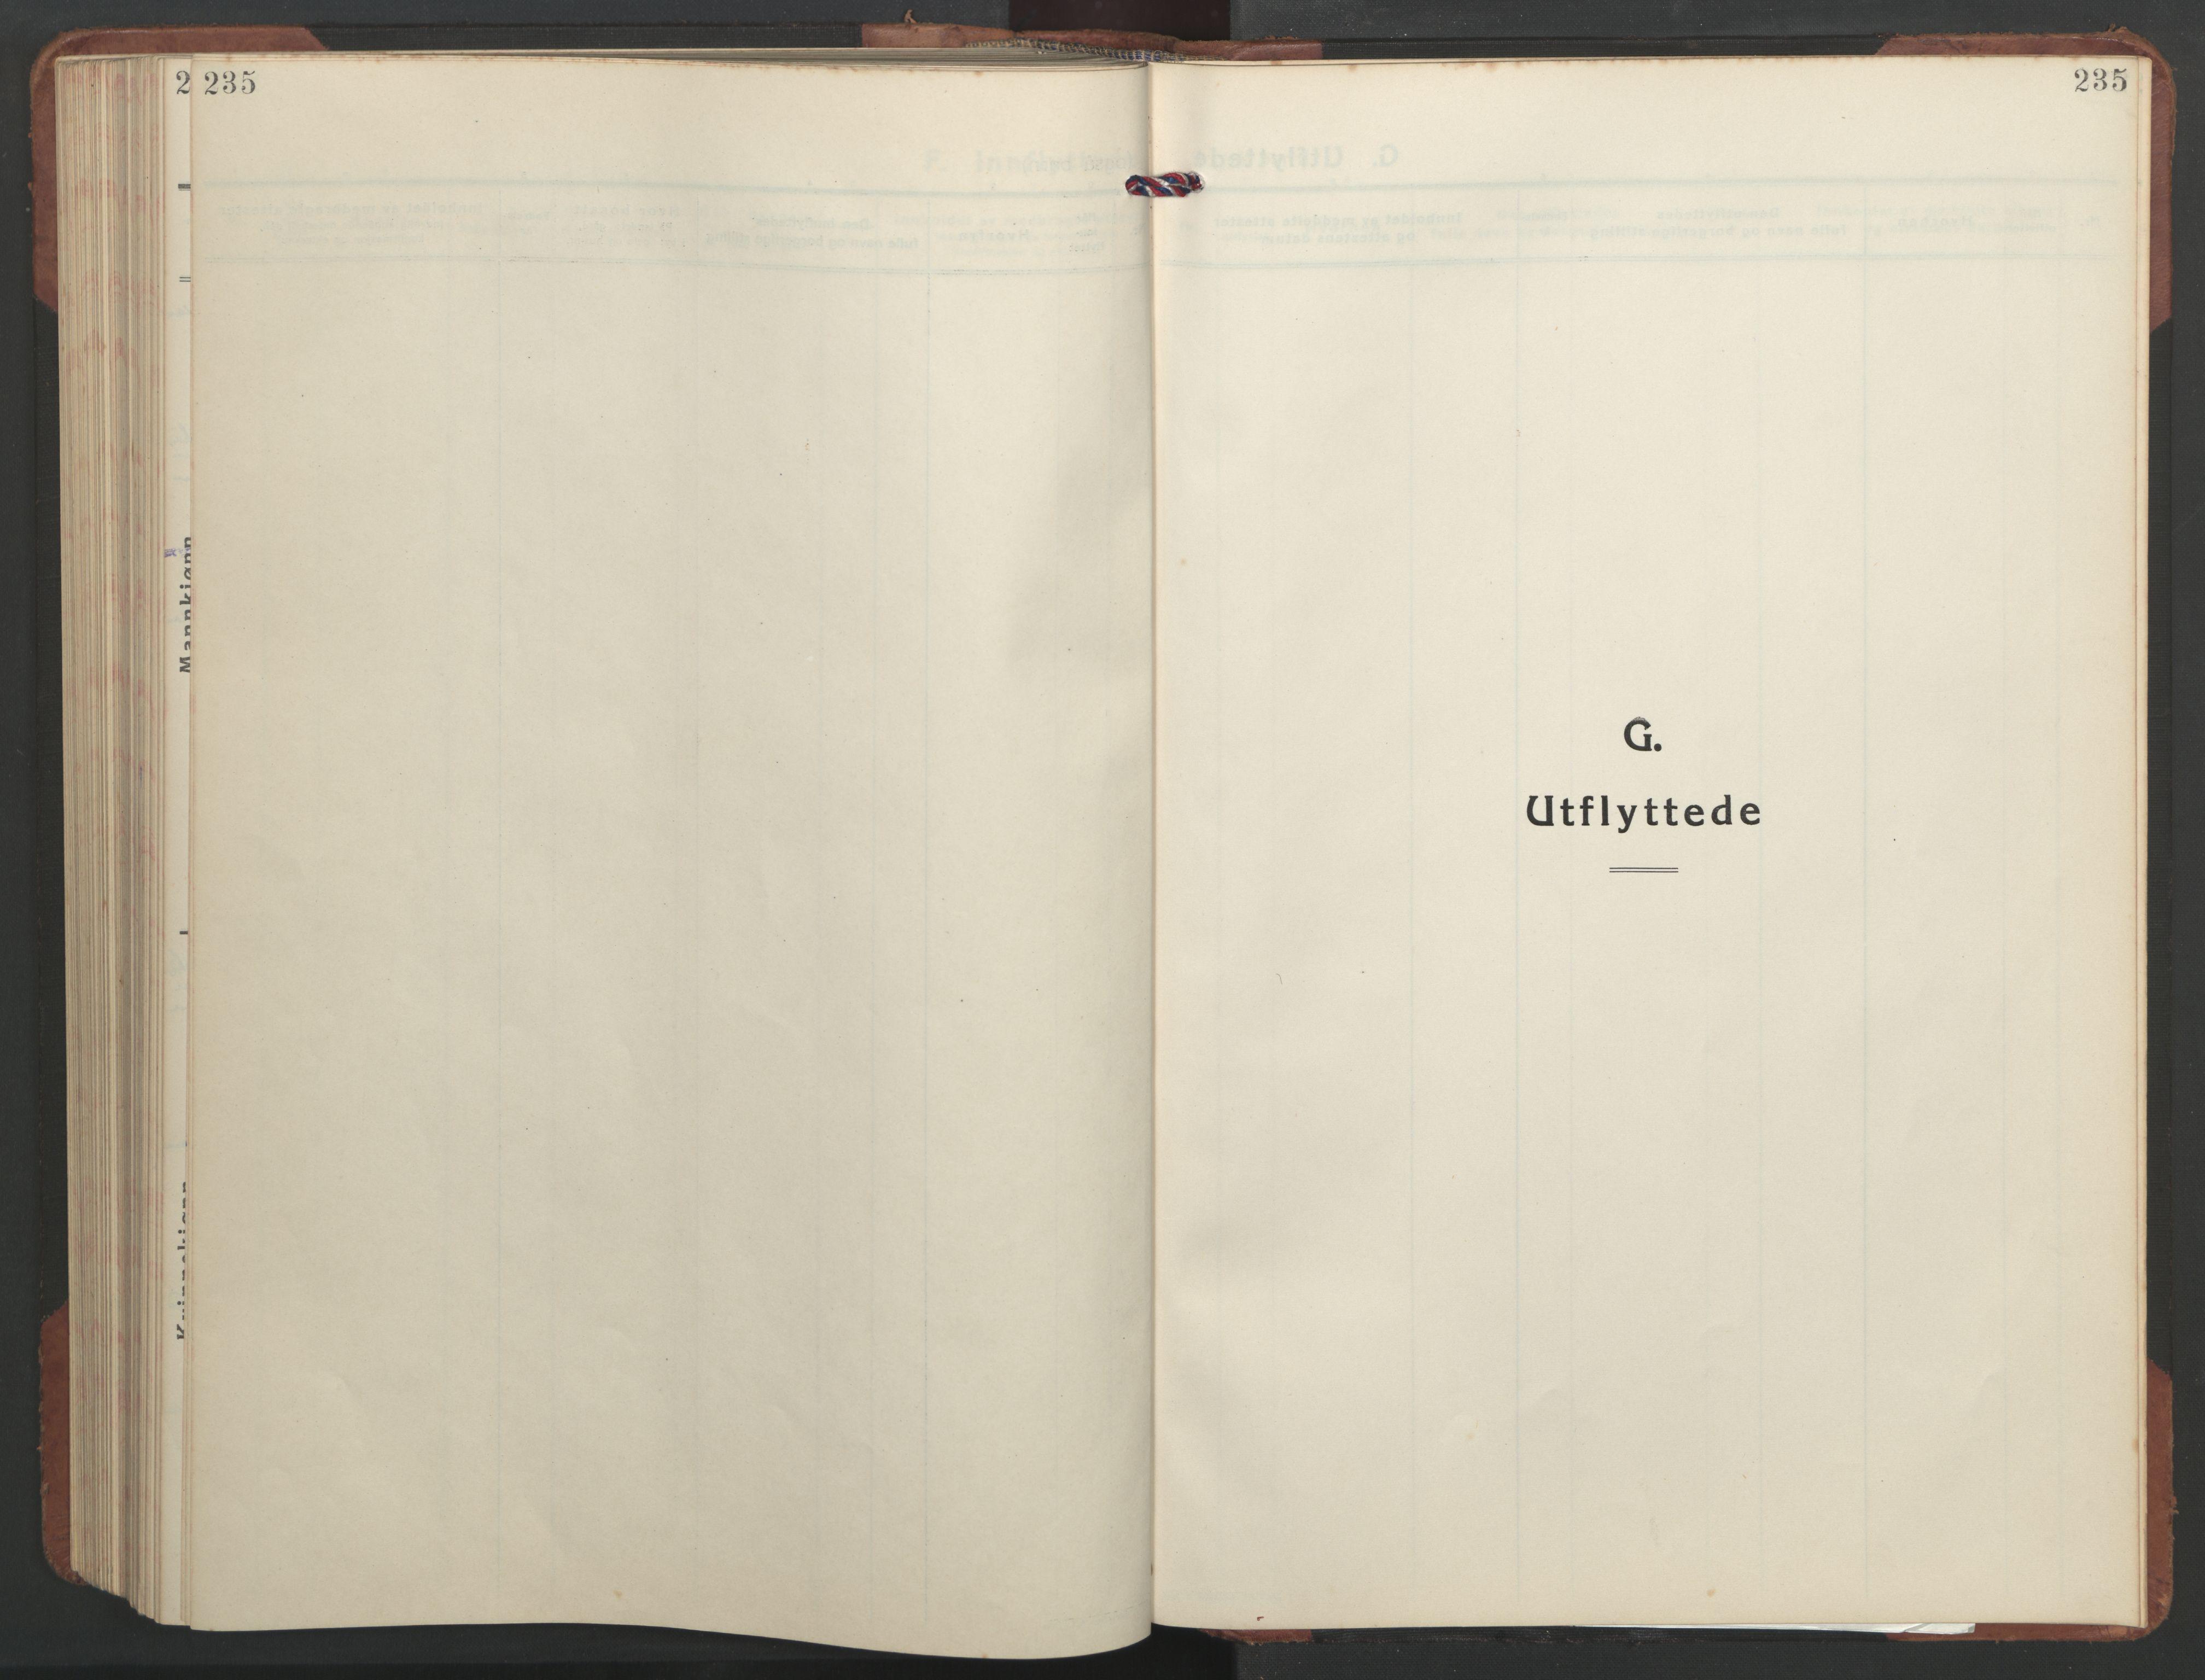 SAT, Ministerialprotokoller, klokkerbøker og fødselsregistre - Sør-Trøndelag, 637/L0564: Klokkerbok nr. 637C05, 1928-1968, s. 235